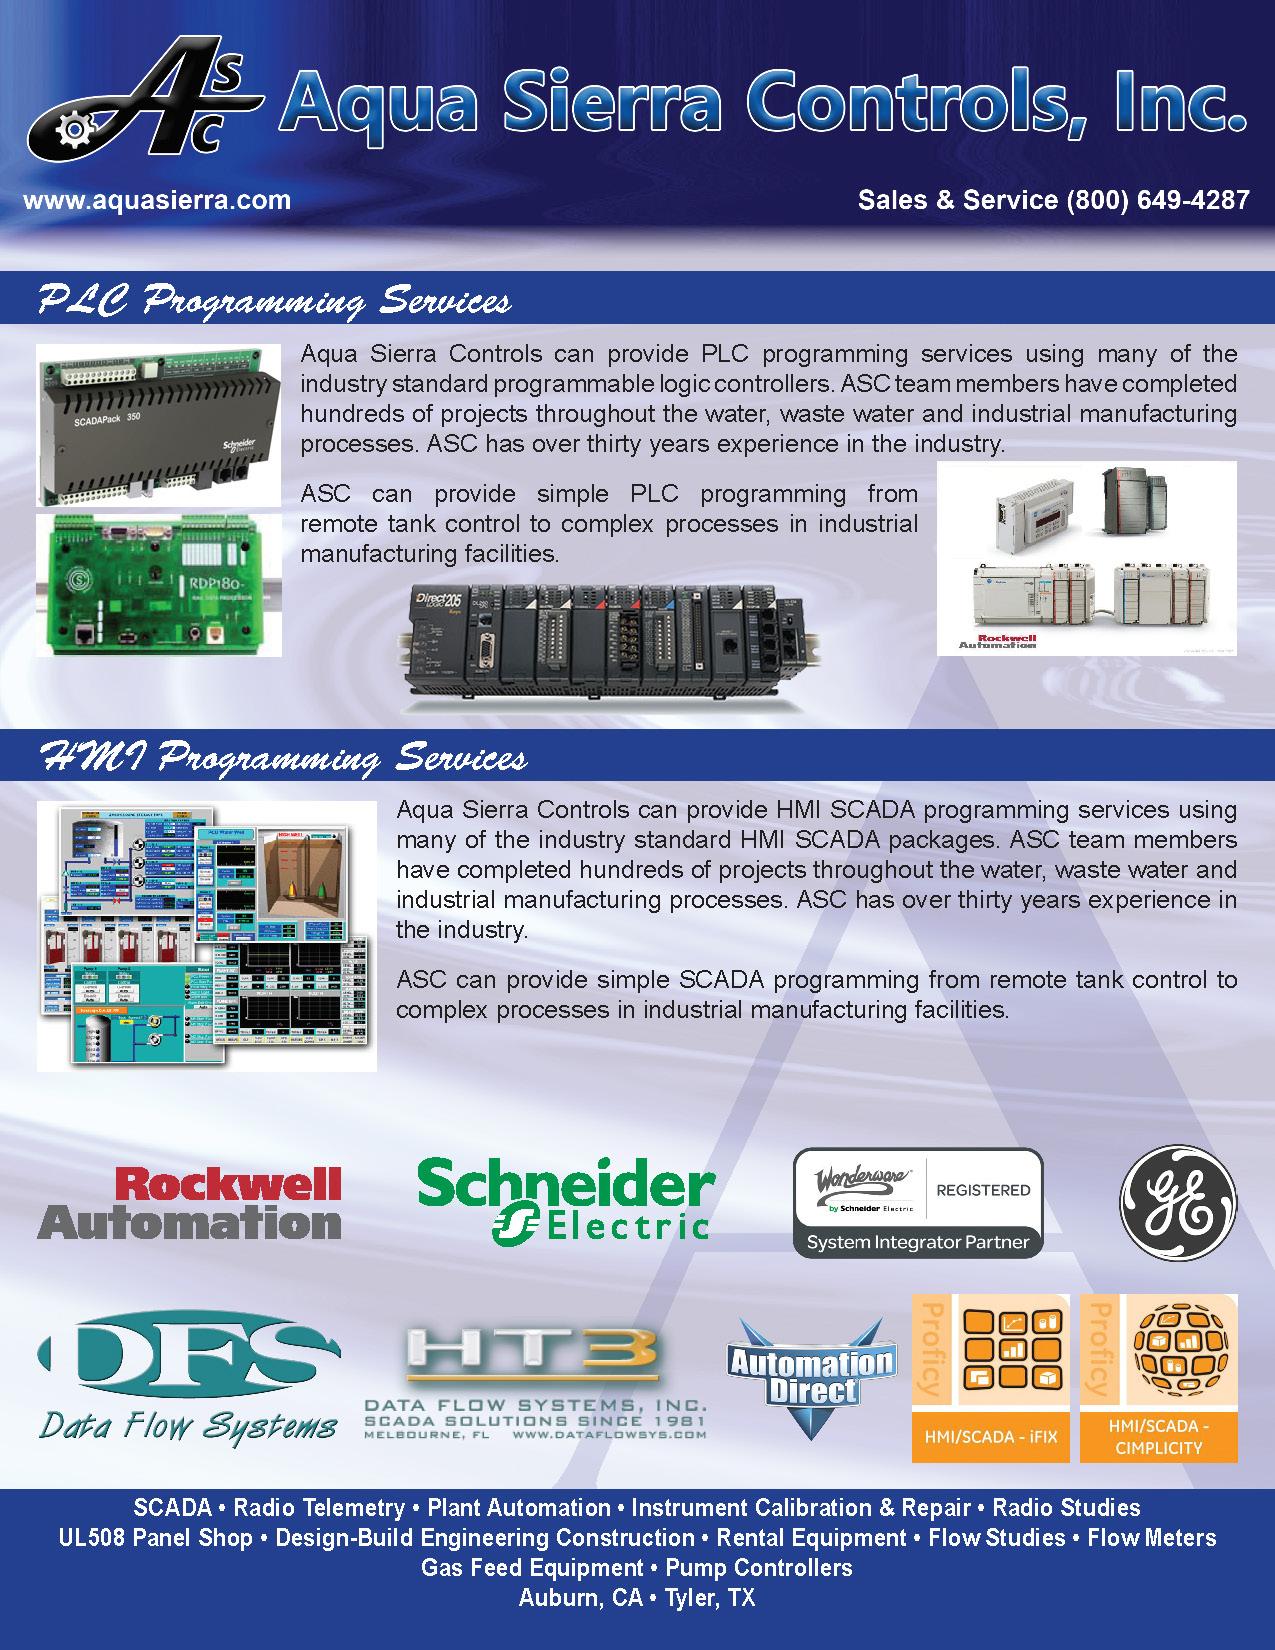 Aqua Sierra Controls, Inc  - Services